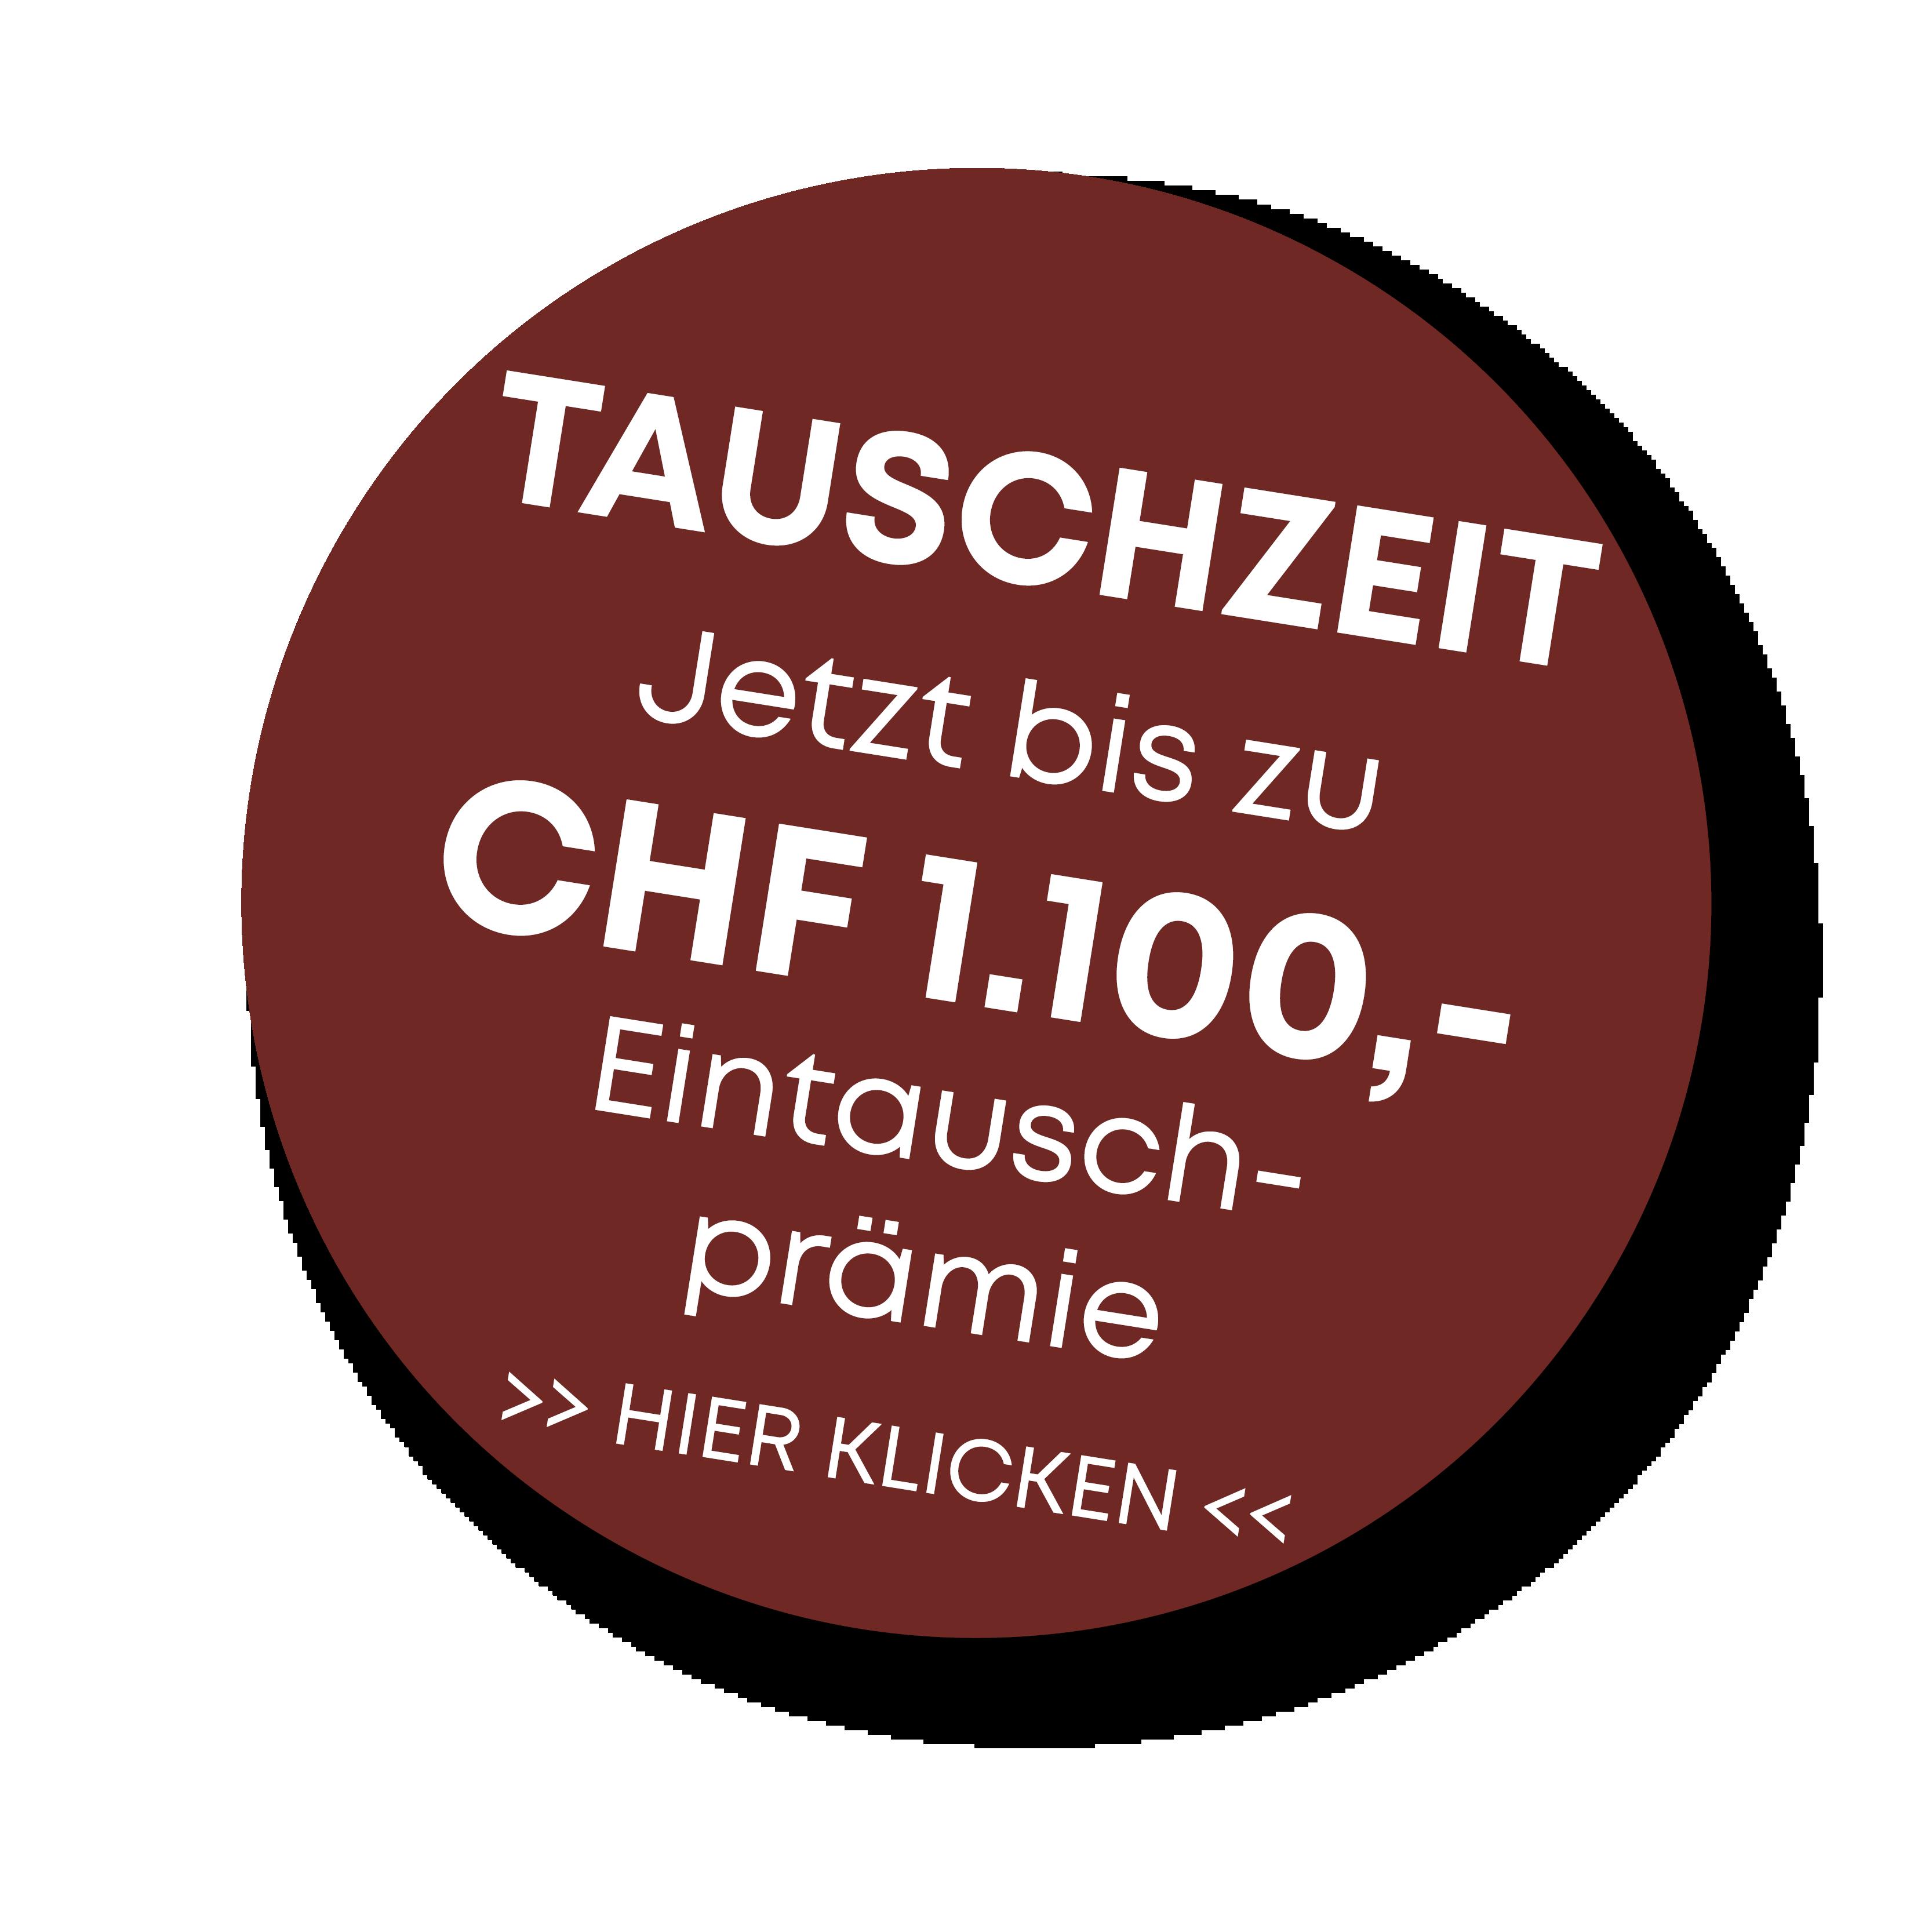 revox_tauschzeit_jetzt_bis_zu_1100_franken_eintauschpraemie_2020_audiosysteme_lautsprecher